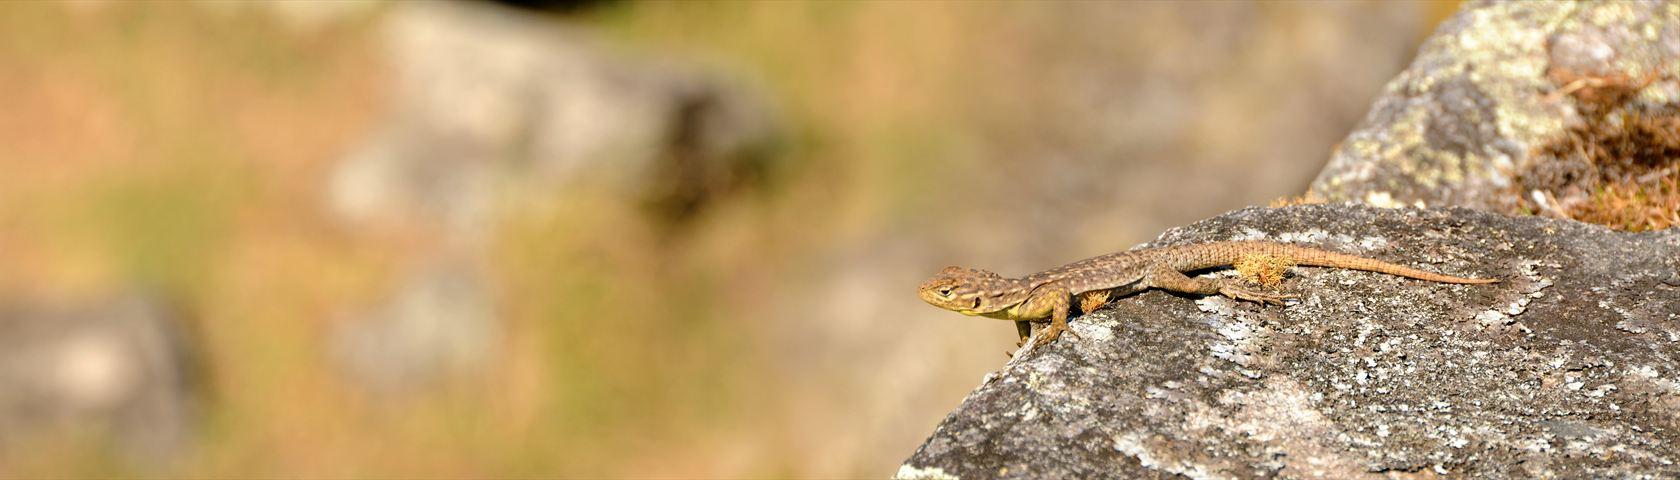 Sunning Lizard